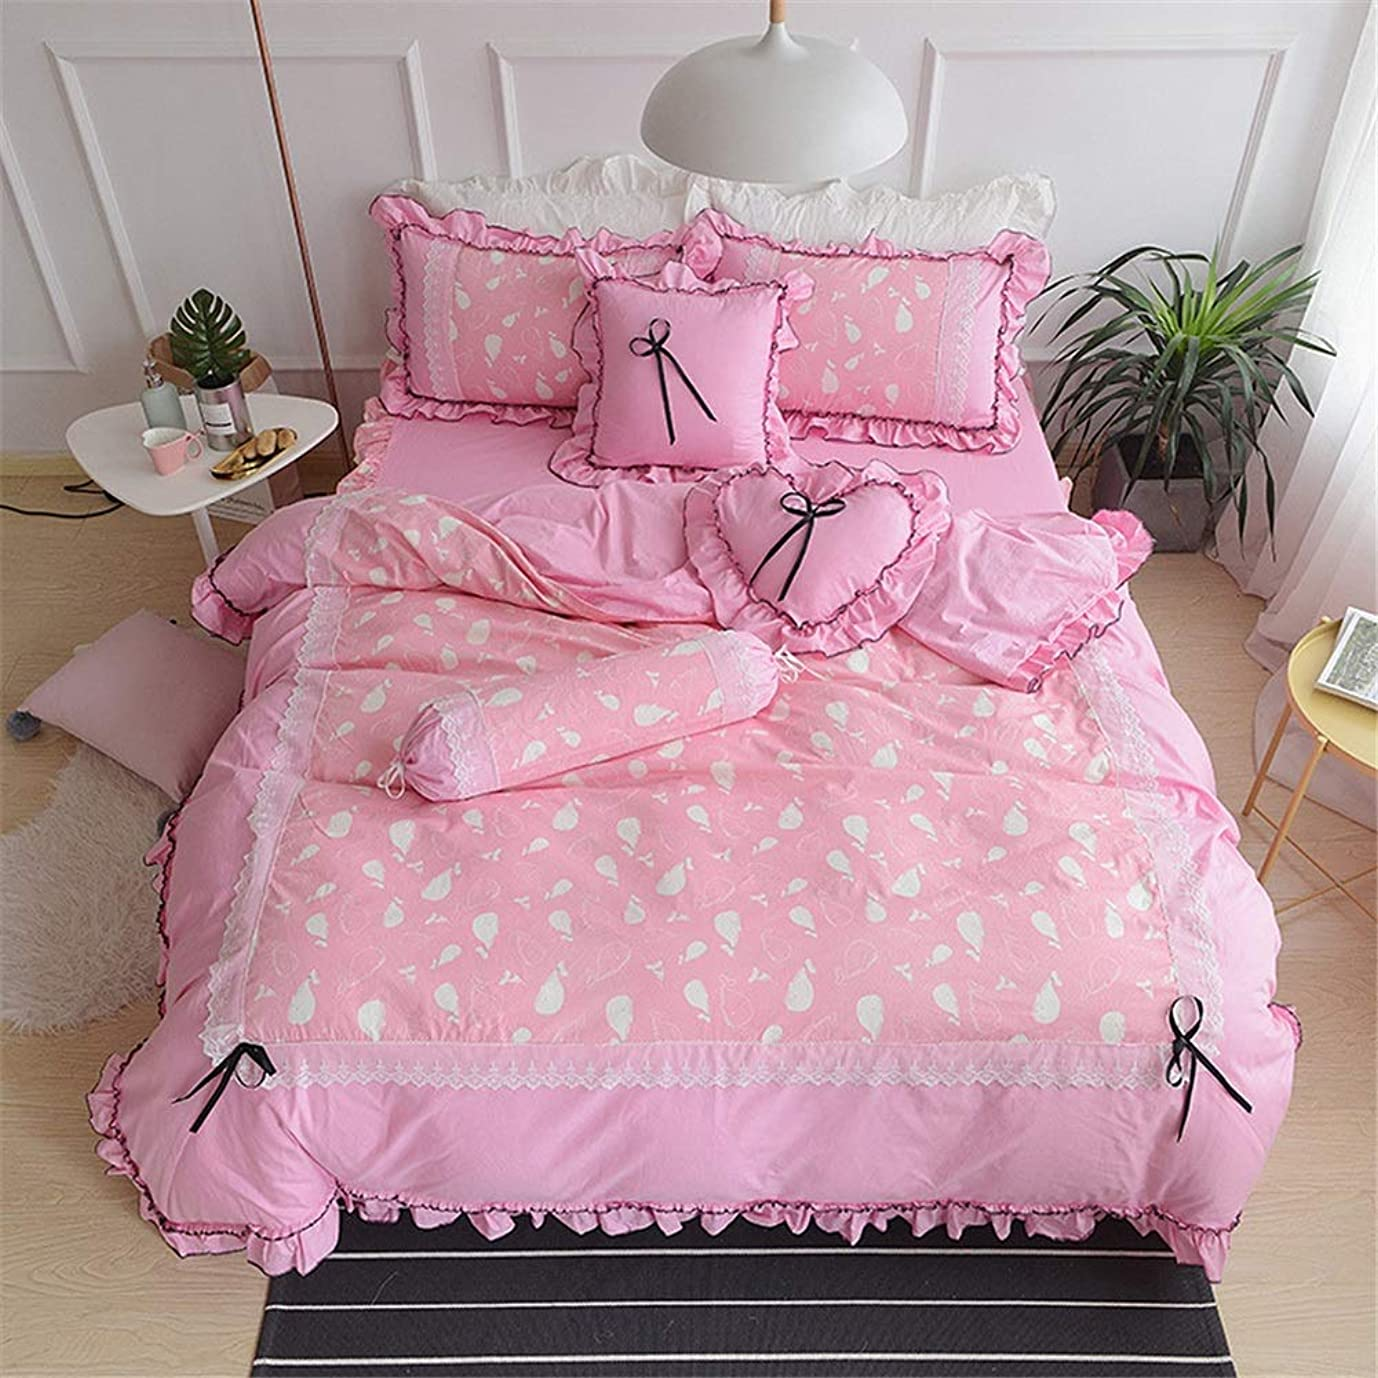 荒野ジョグ陰謀寝具カバーセット ホームテキスタイルコンプリートコットンレースツイルプロセス、快適、耐久性、低刺激性 、色複数選択ピンク、白。 布団カバー 4点セット (色 : ピンク)